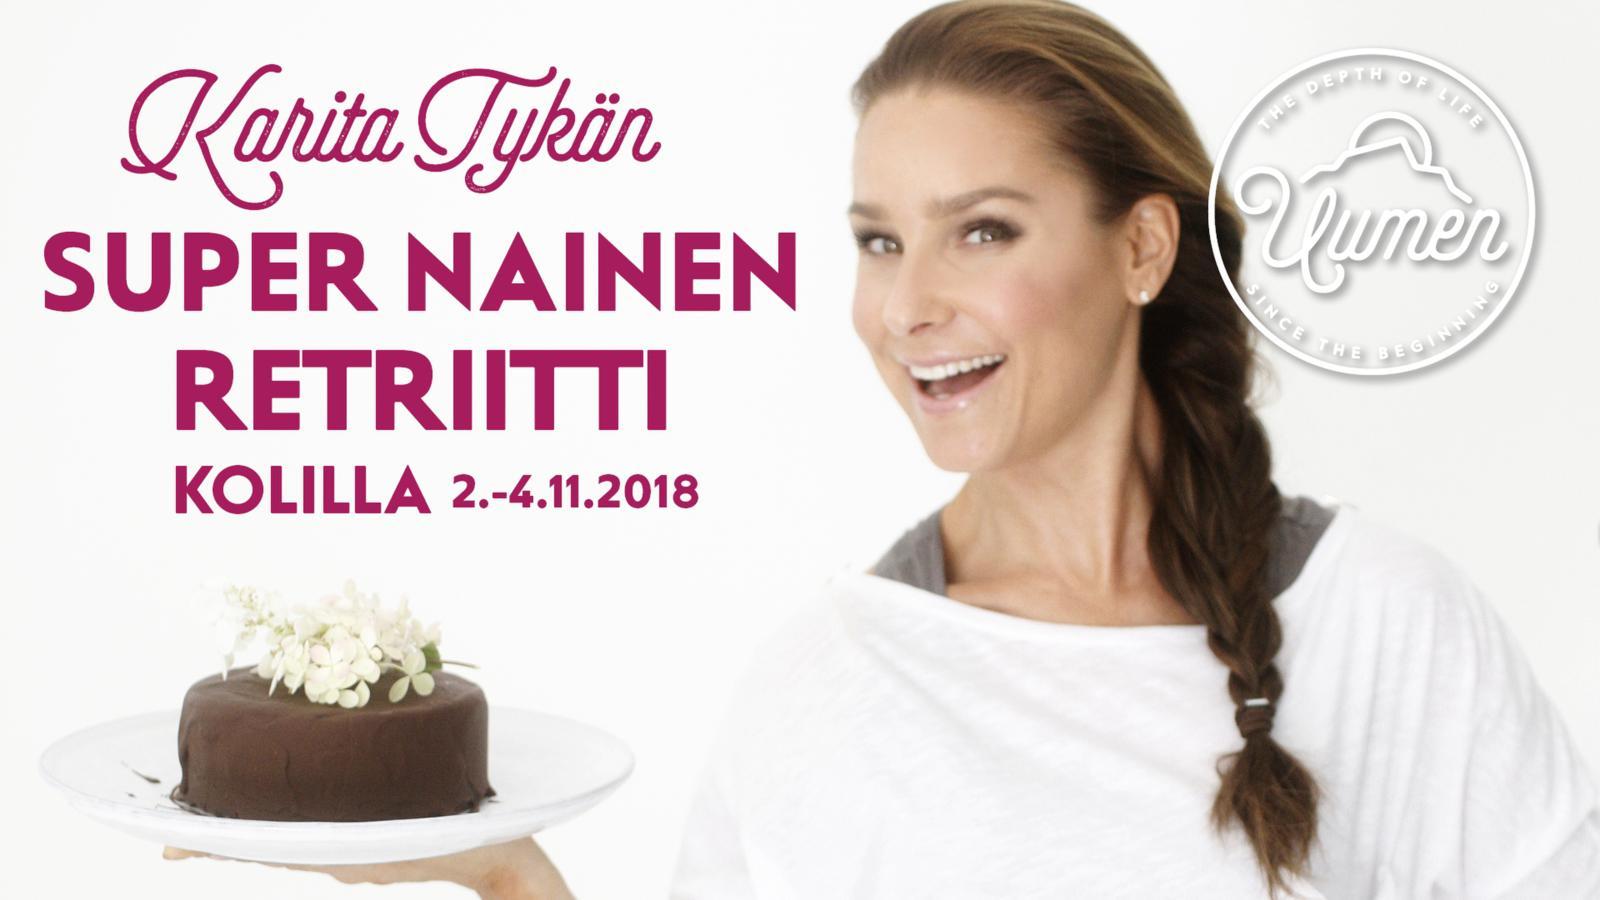 joulu kolilla 2018 Karita Tykän Supernainen  retriitti Kolilla 2. 4.11.2018 | Koli  joulu kolilla 2018